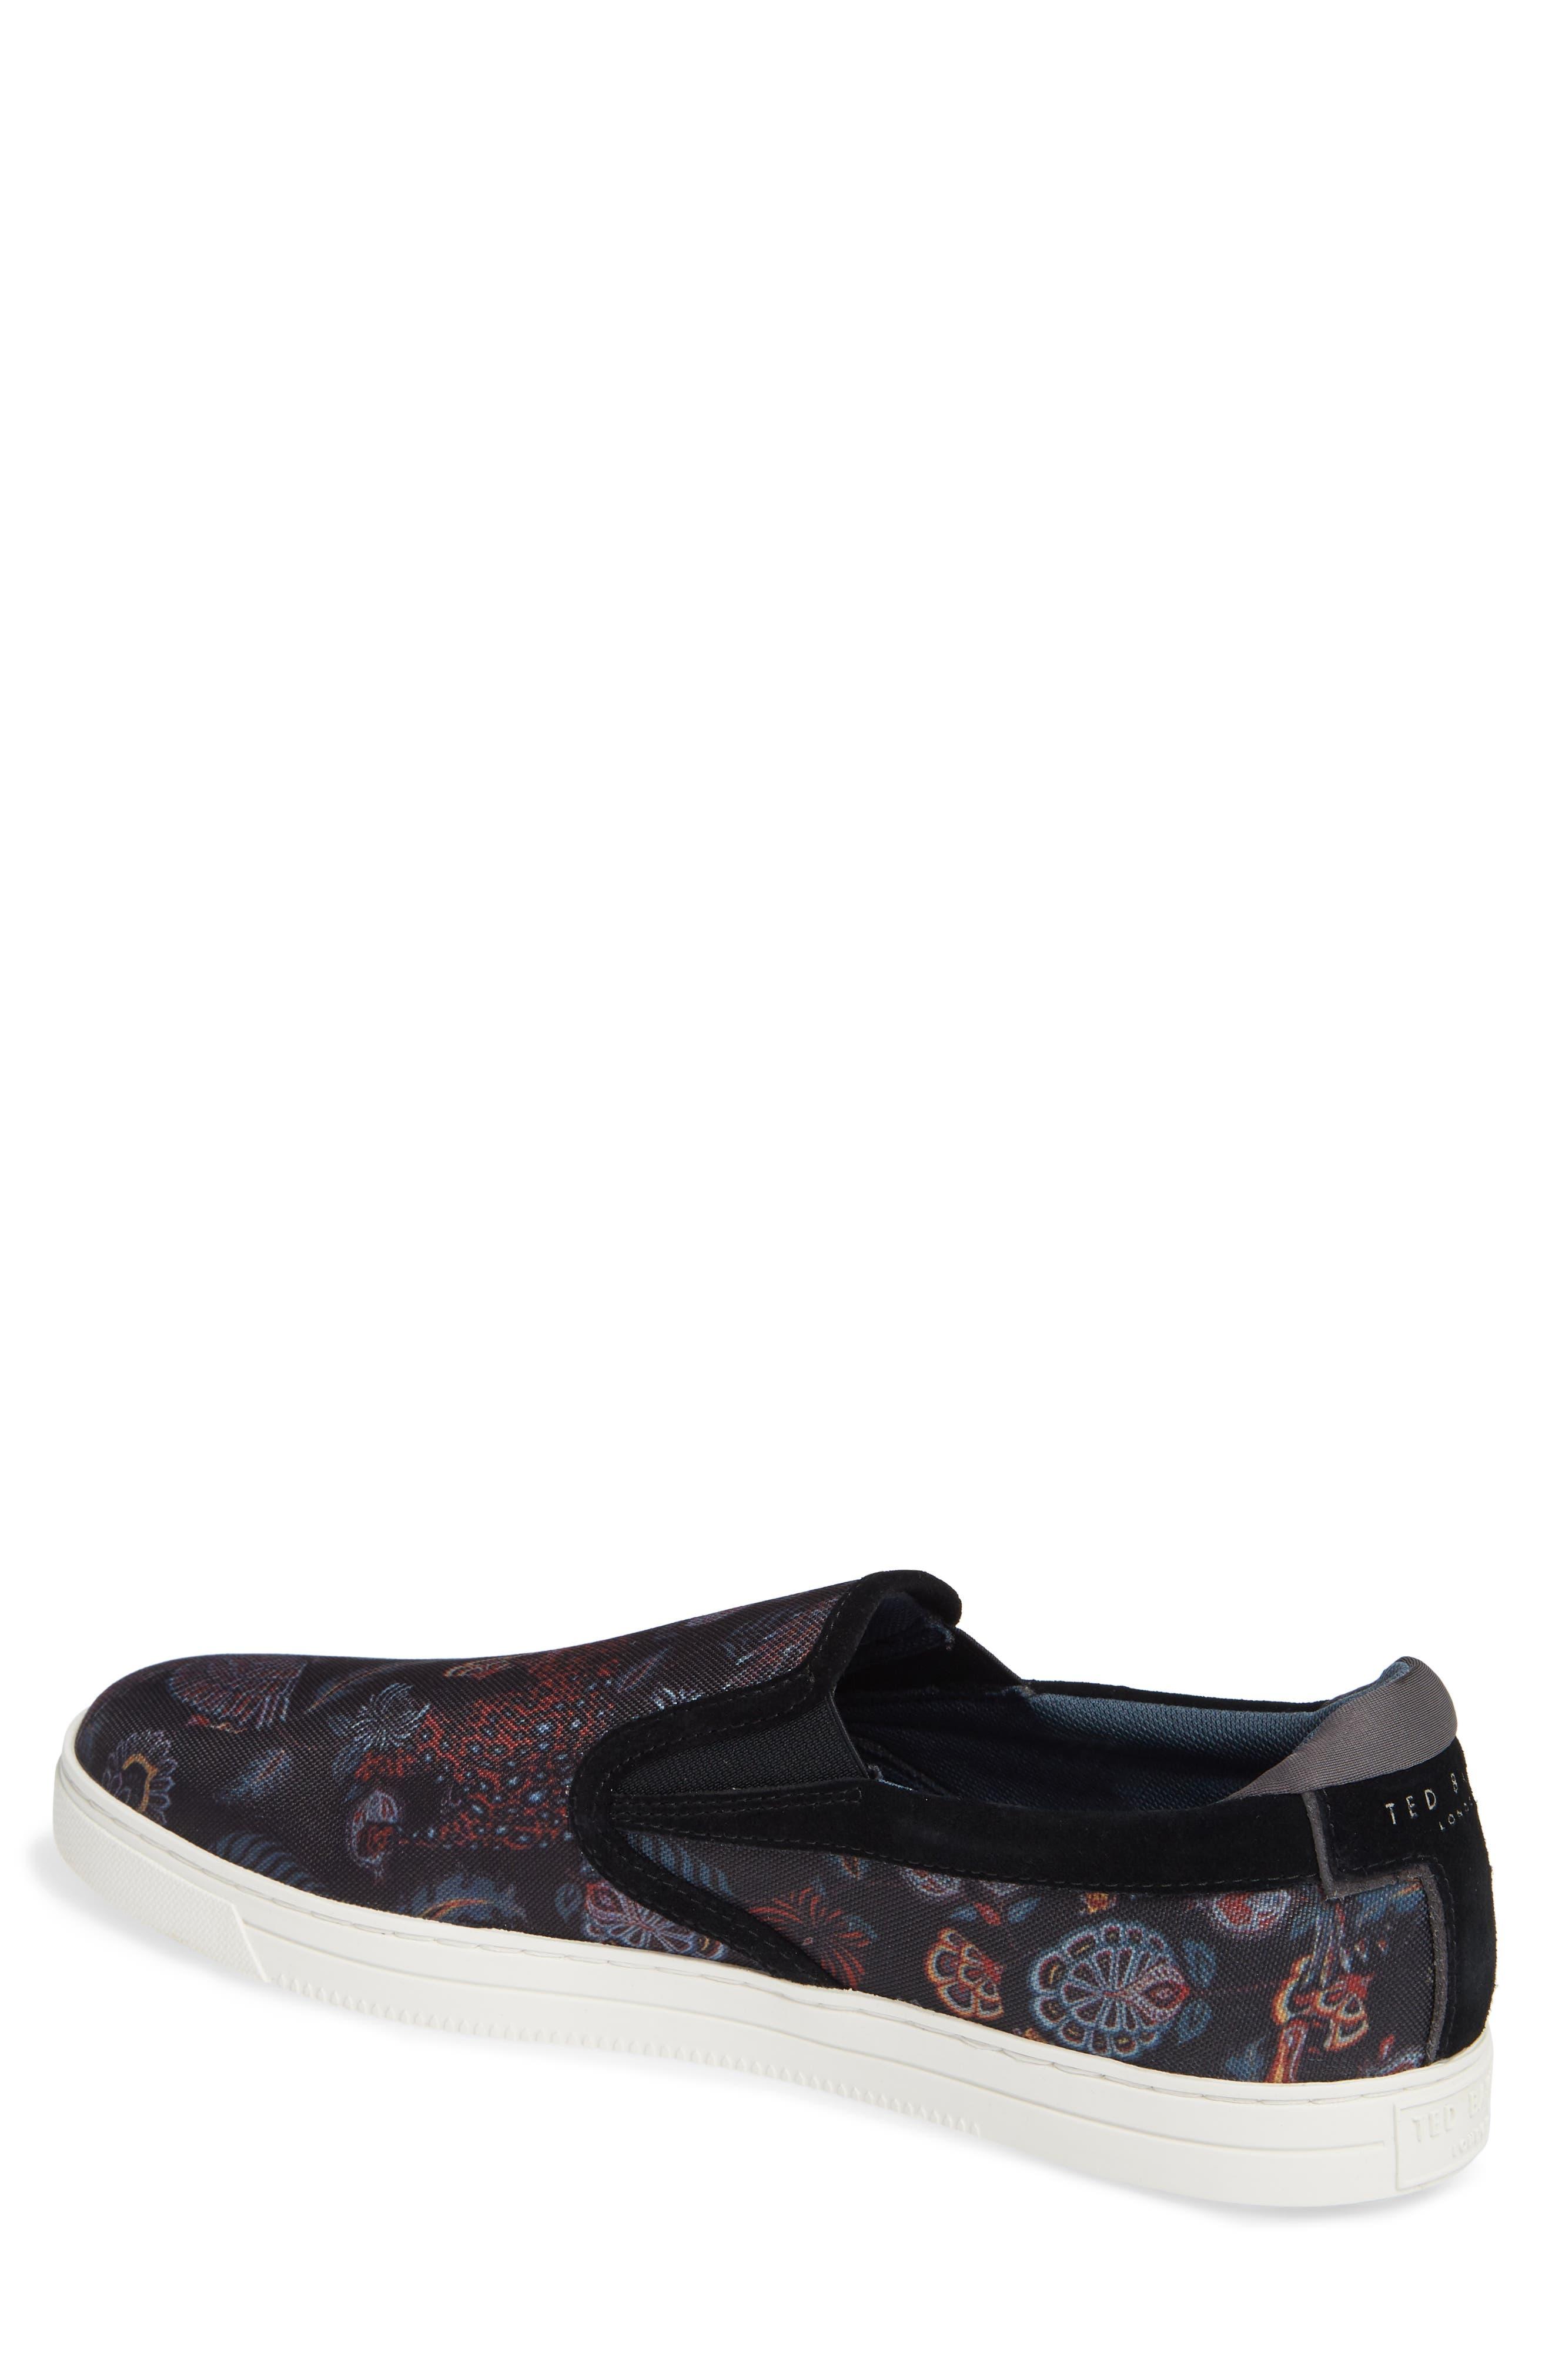 TED BAKER LONDON, Mhako Slip-On Sneaker, Alternate thumbnail 2, color, BLACK/ GREY